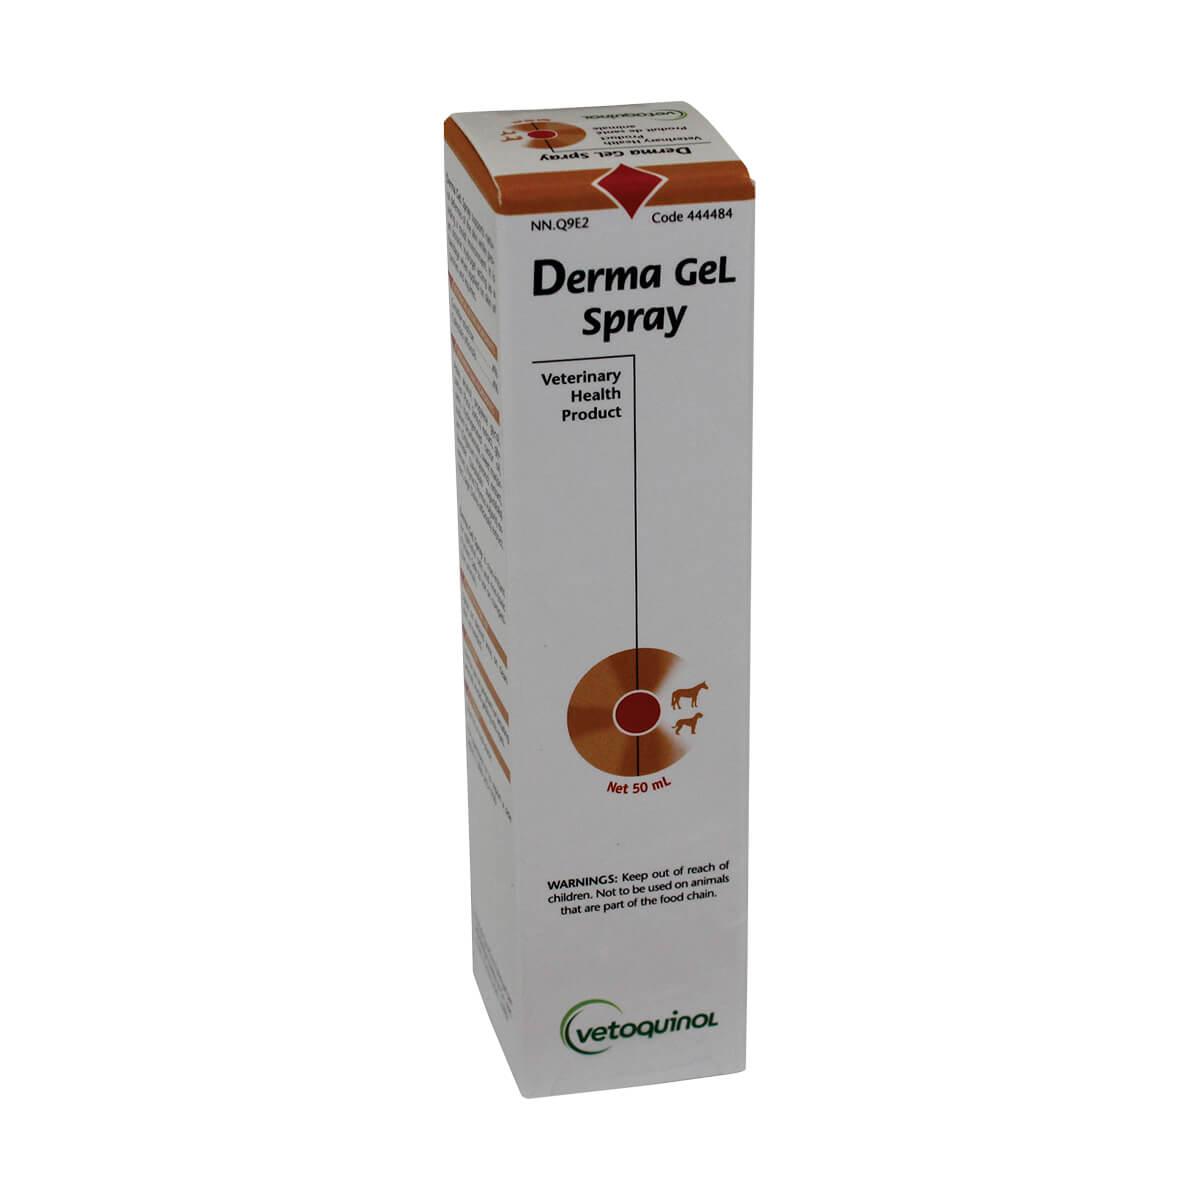 Derma Gel - Spray - 50 ml